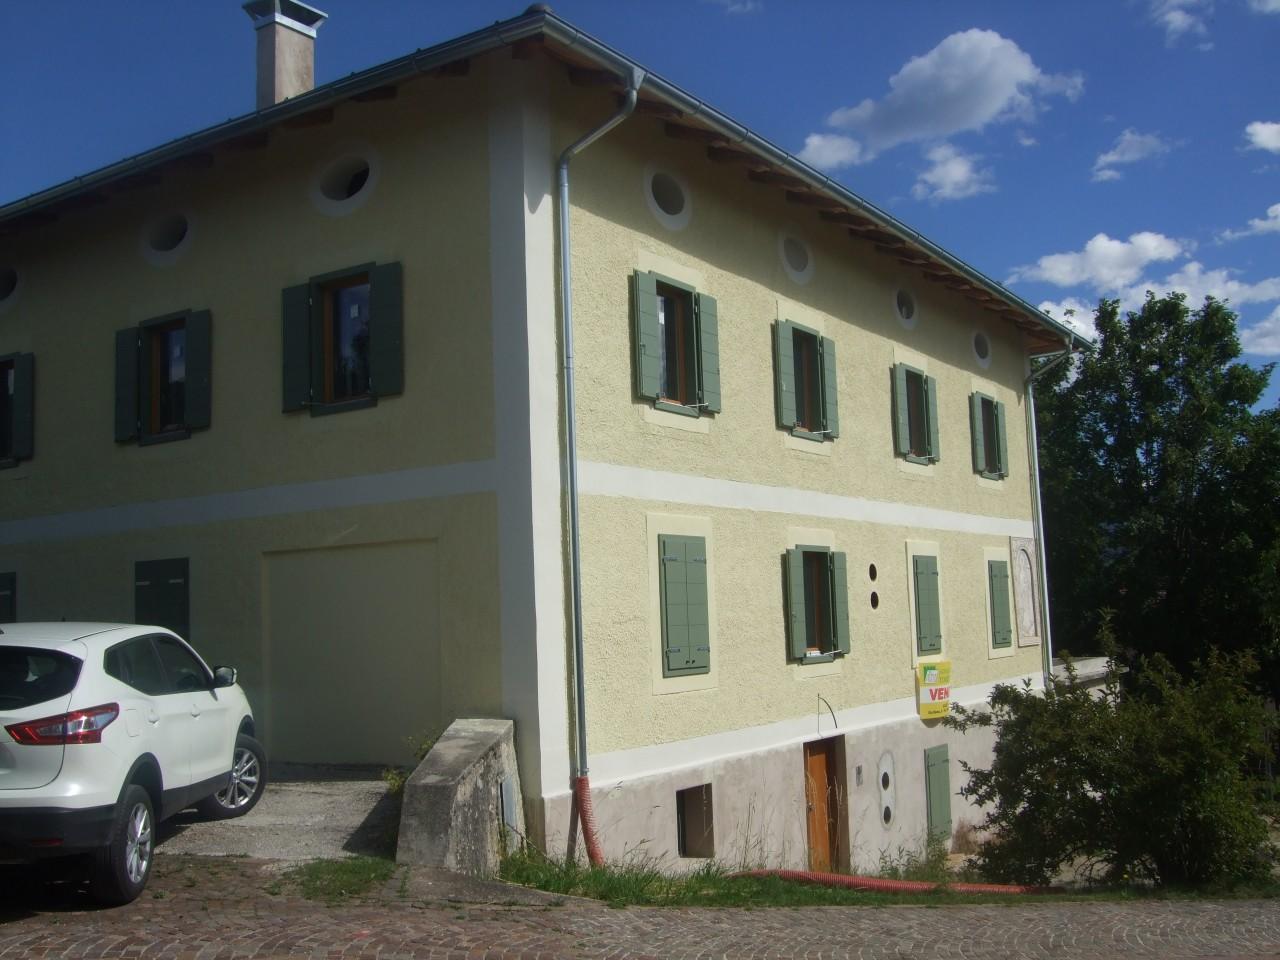 Sfruz - Appartamento nuovo in edificio storico.